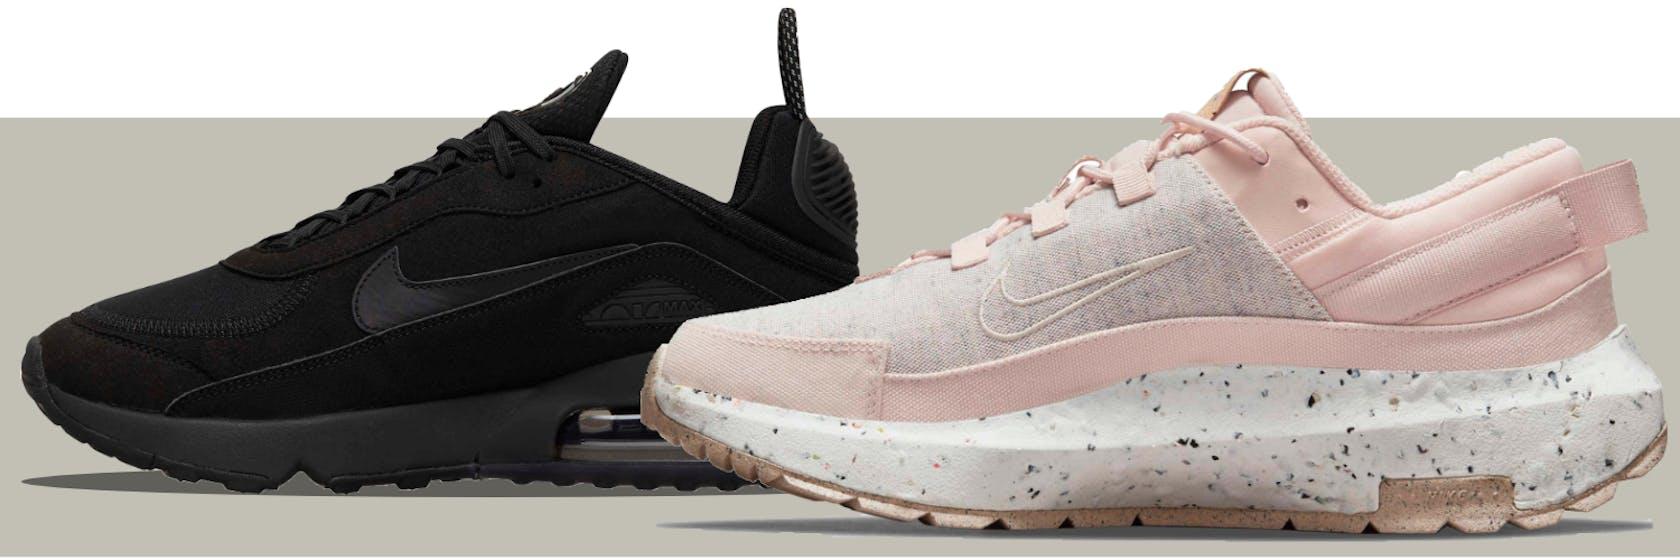 Sneaker Onlineshop NIKE